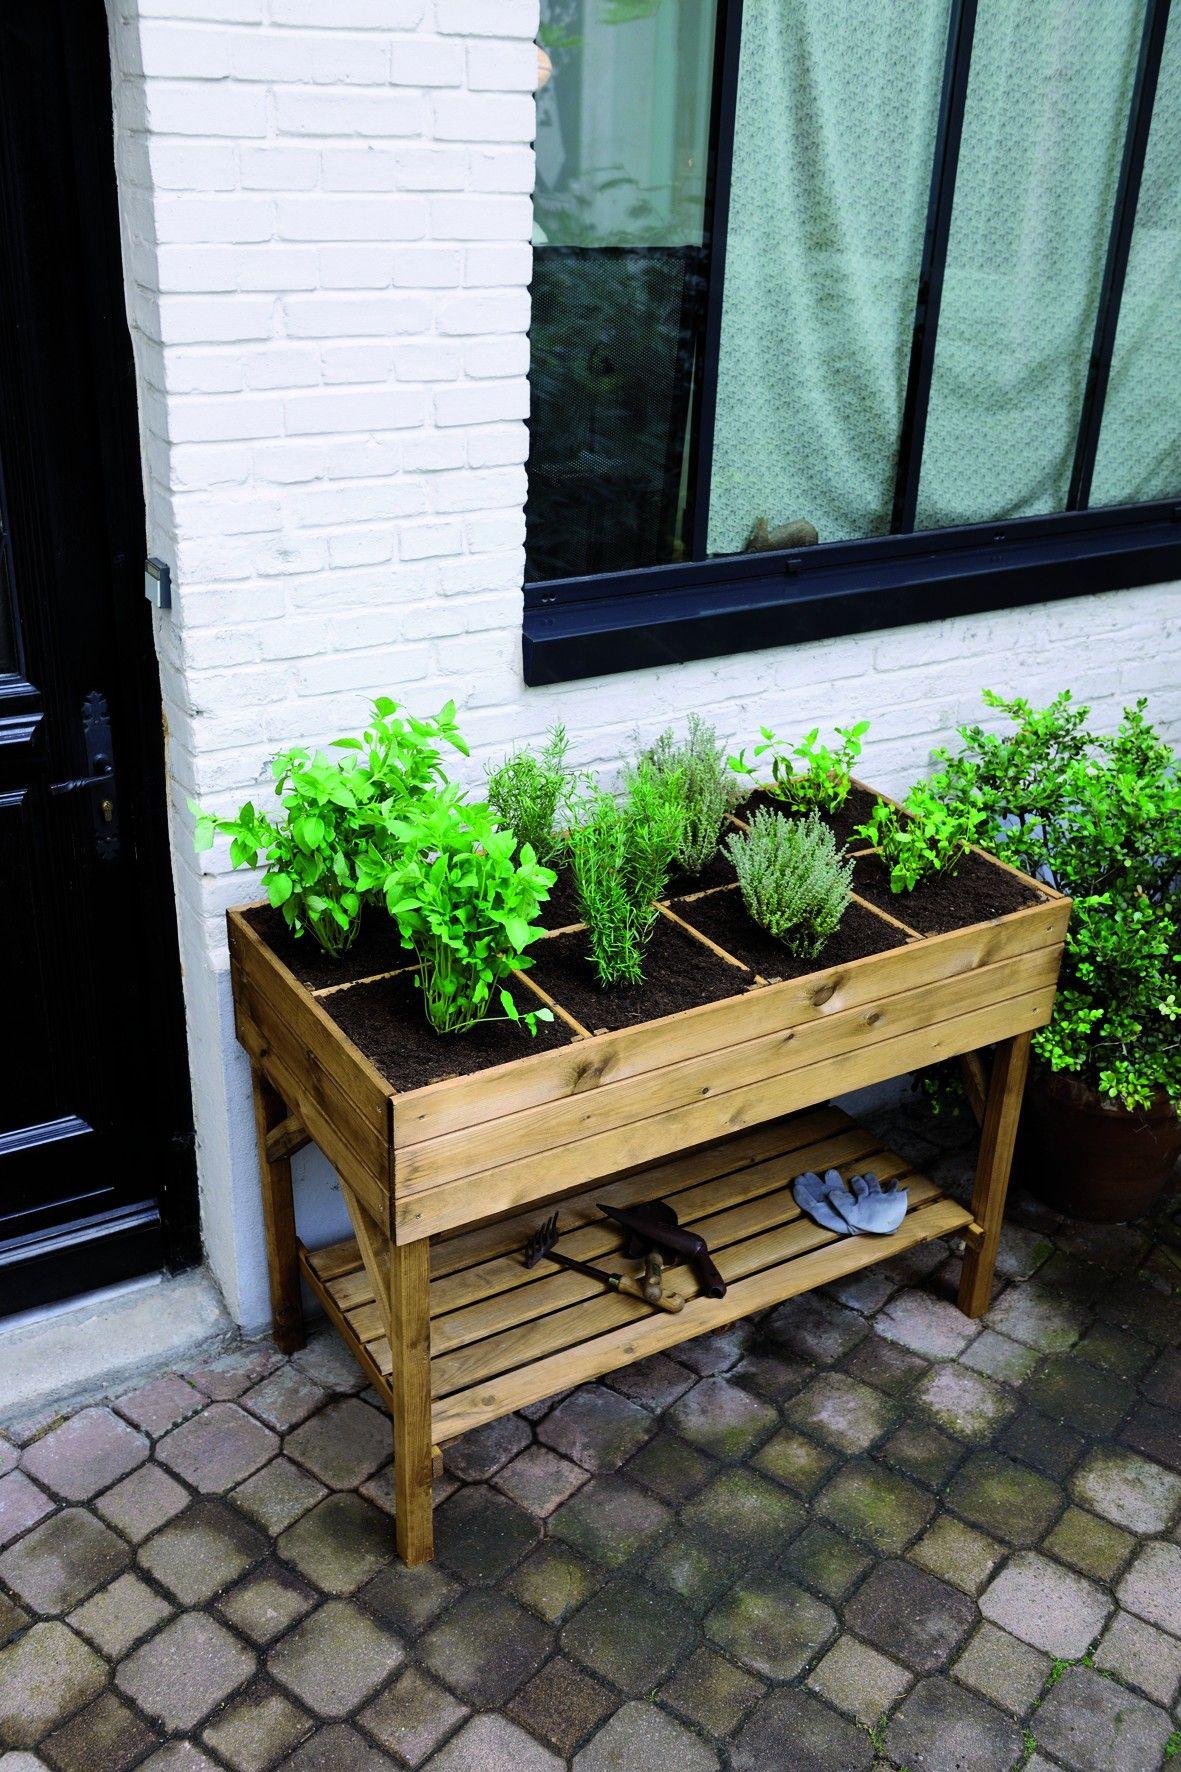 carr potager sur lev gariguette plants garden. Black Bedroom Furniture Sets. Home Design Ideas